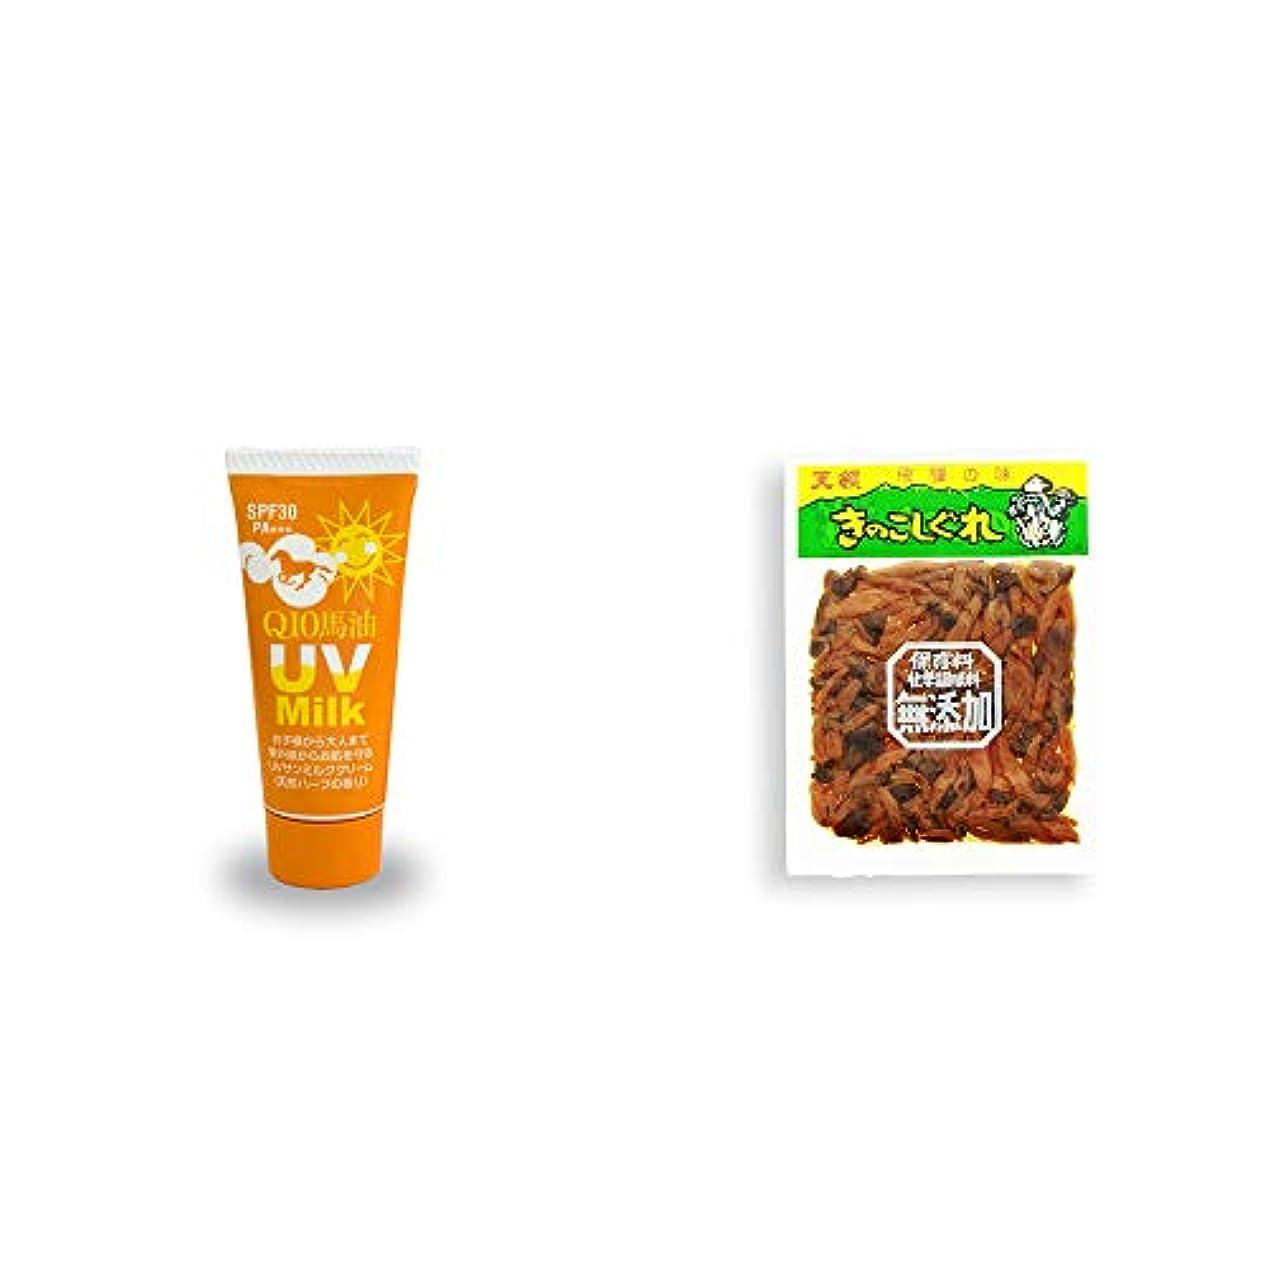 バージン豆召喚する[2点セット] 炭黒泉 Q10馬油 UVサンミルク[天然ハーブ](40g)?天領酒造 きのこしぐれ(110g)